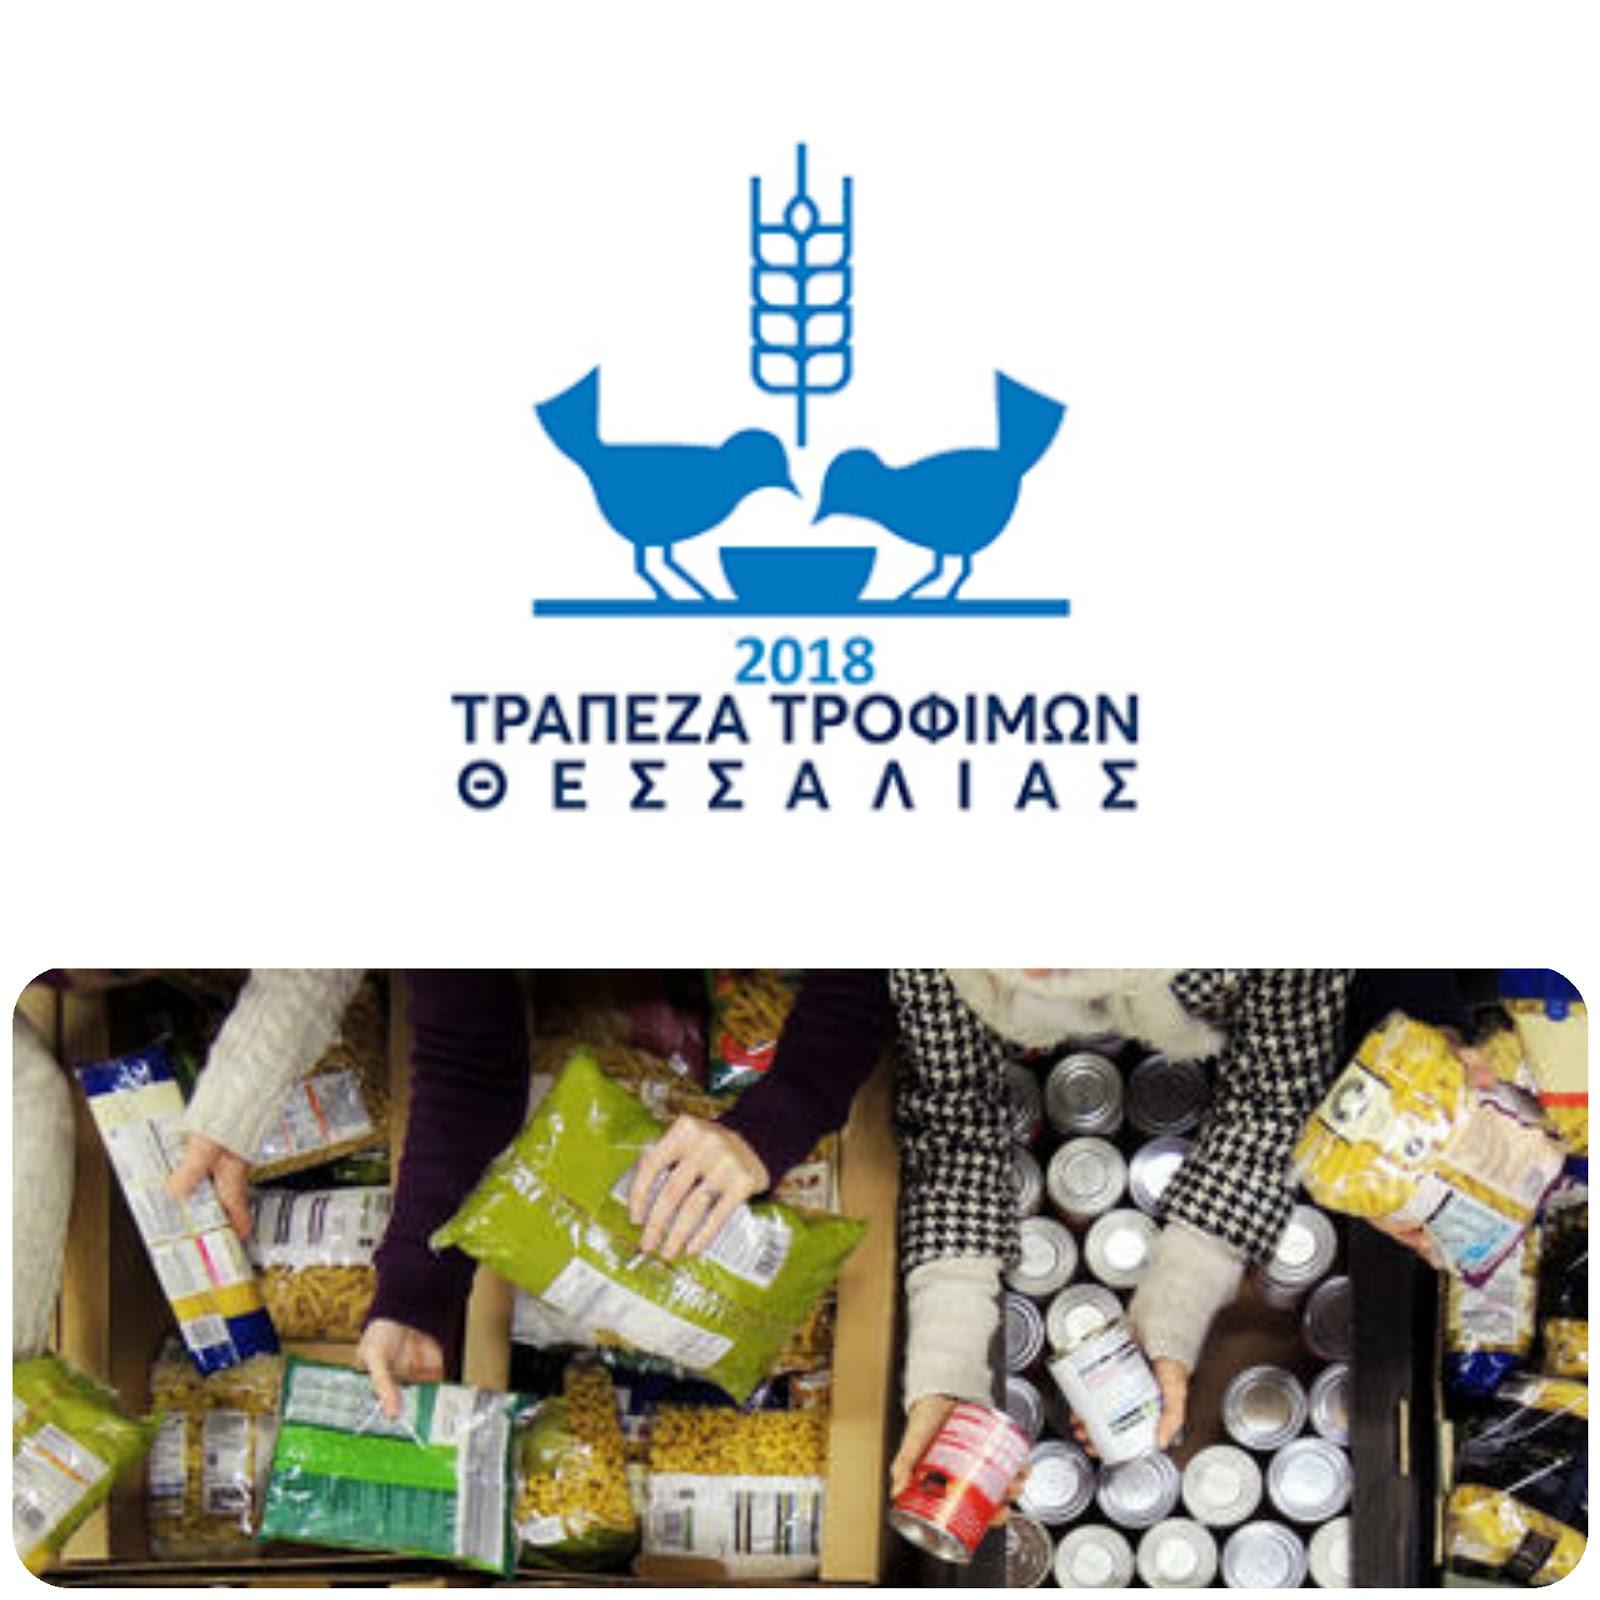 Τράπεζα Τροφίμων Θεσσαλίας: Όλοι μπορούμε να στηρίξουμε τους συνανθρώπους μας